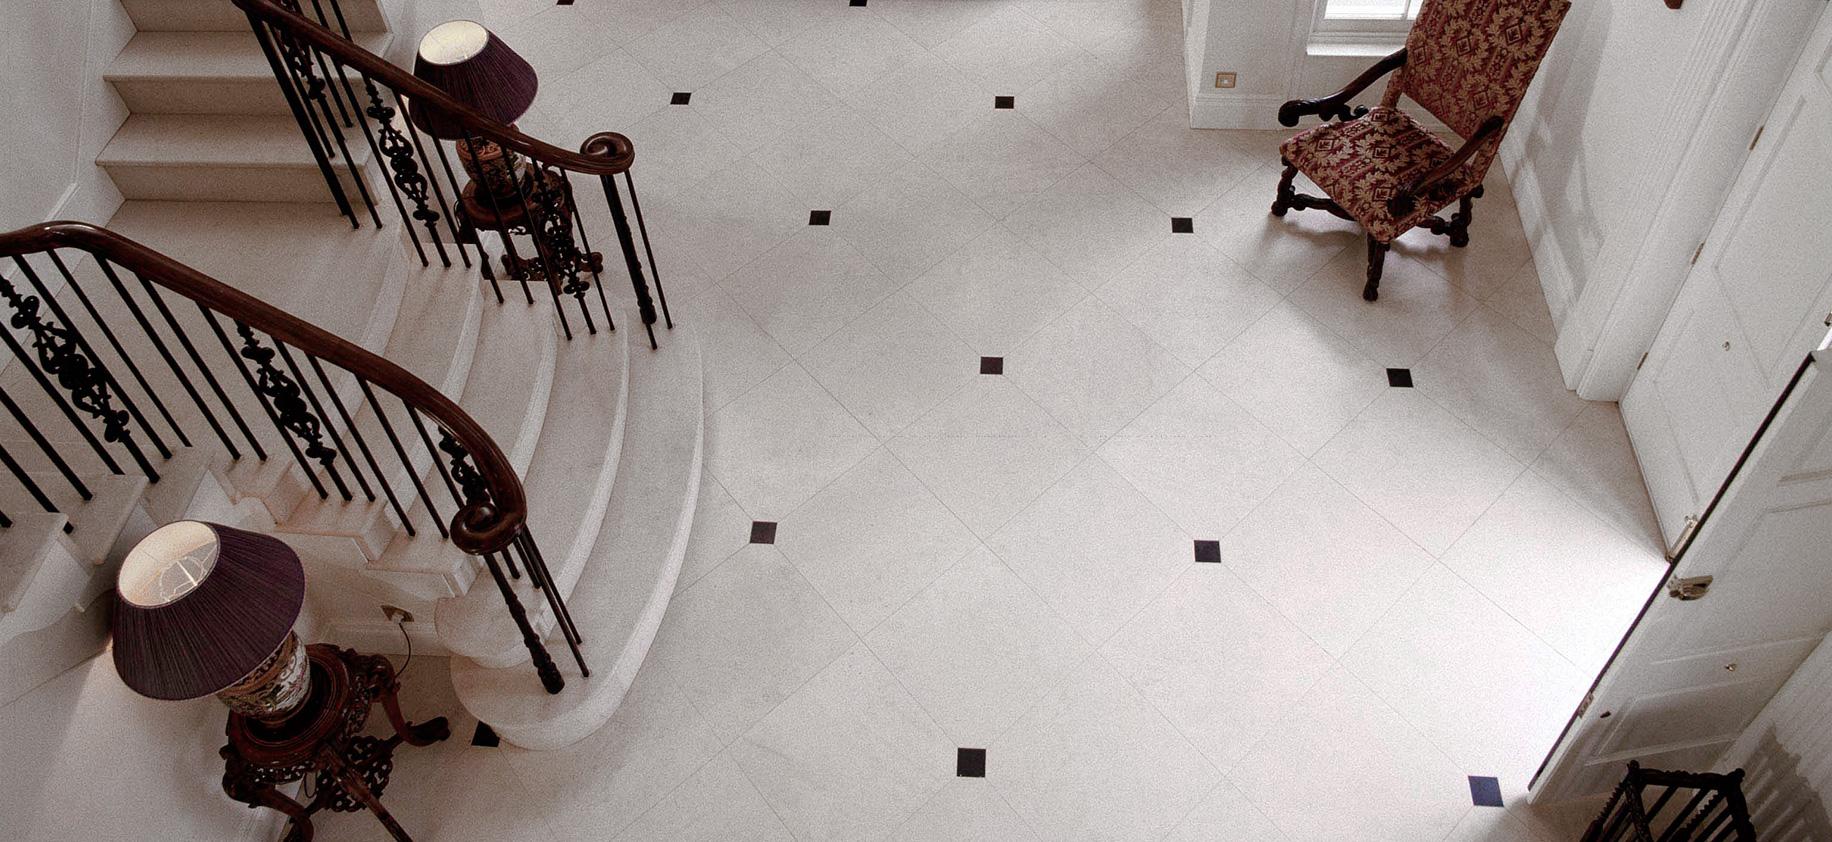 Logic-Art-SLIDE-Architettura